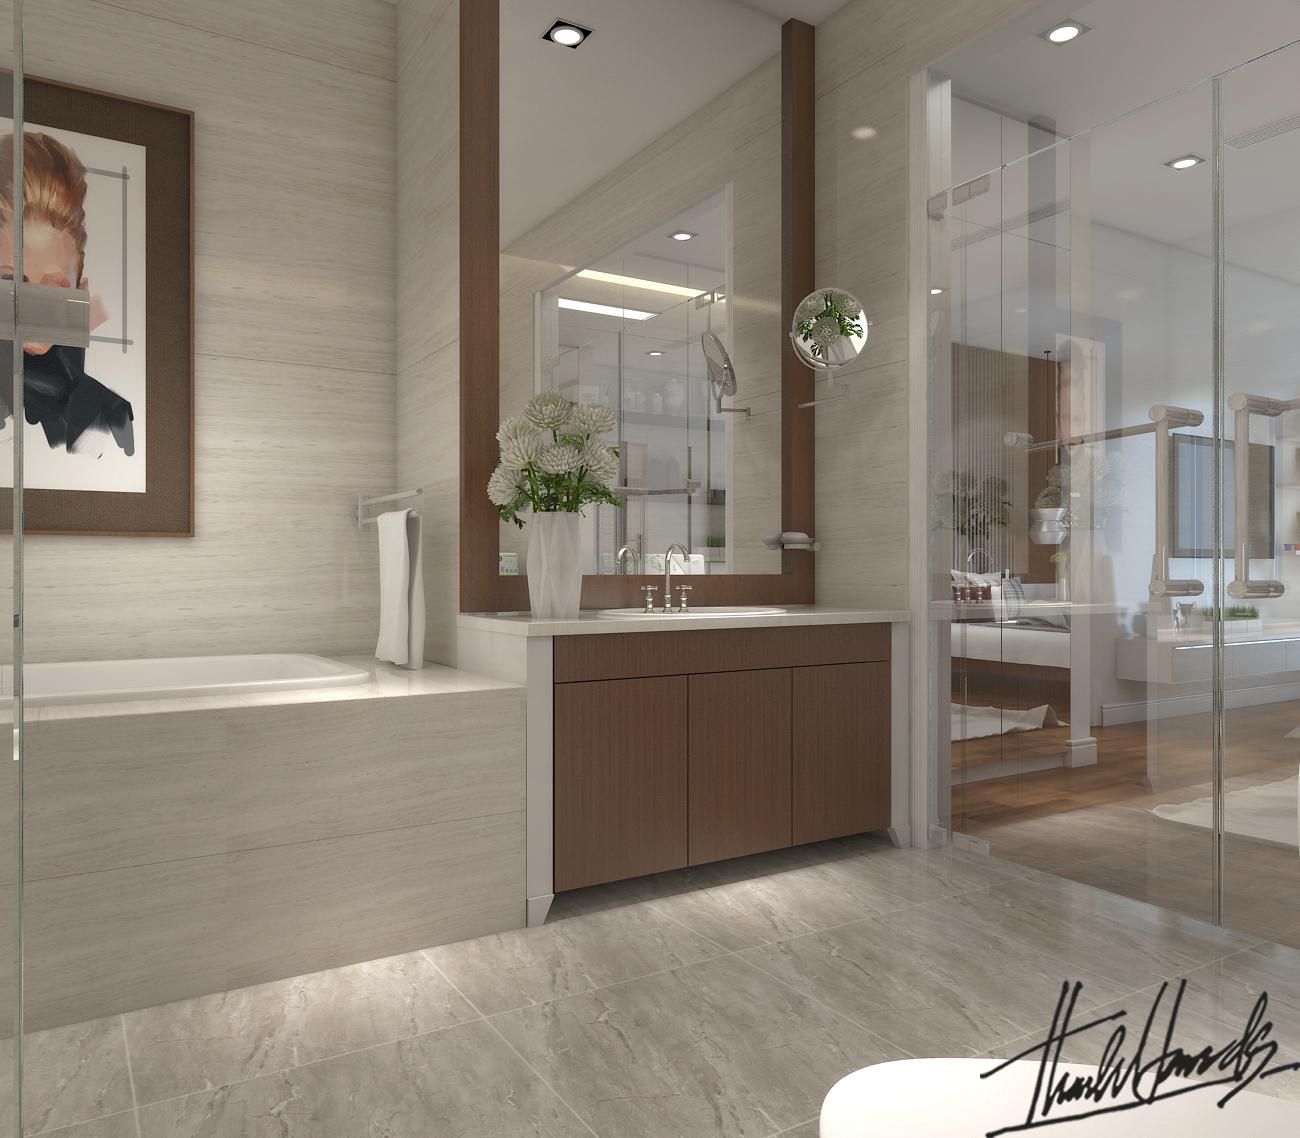 thiết kế nội thất chung cư tại Hà Nội chung cư roya city 19 1568274330